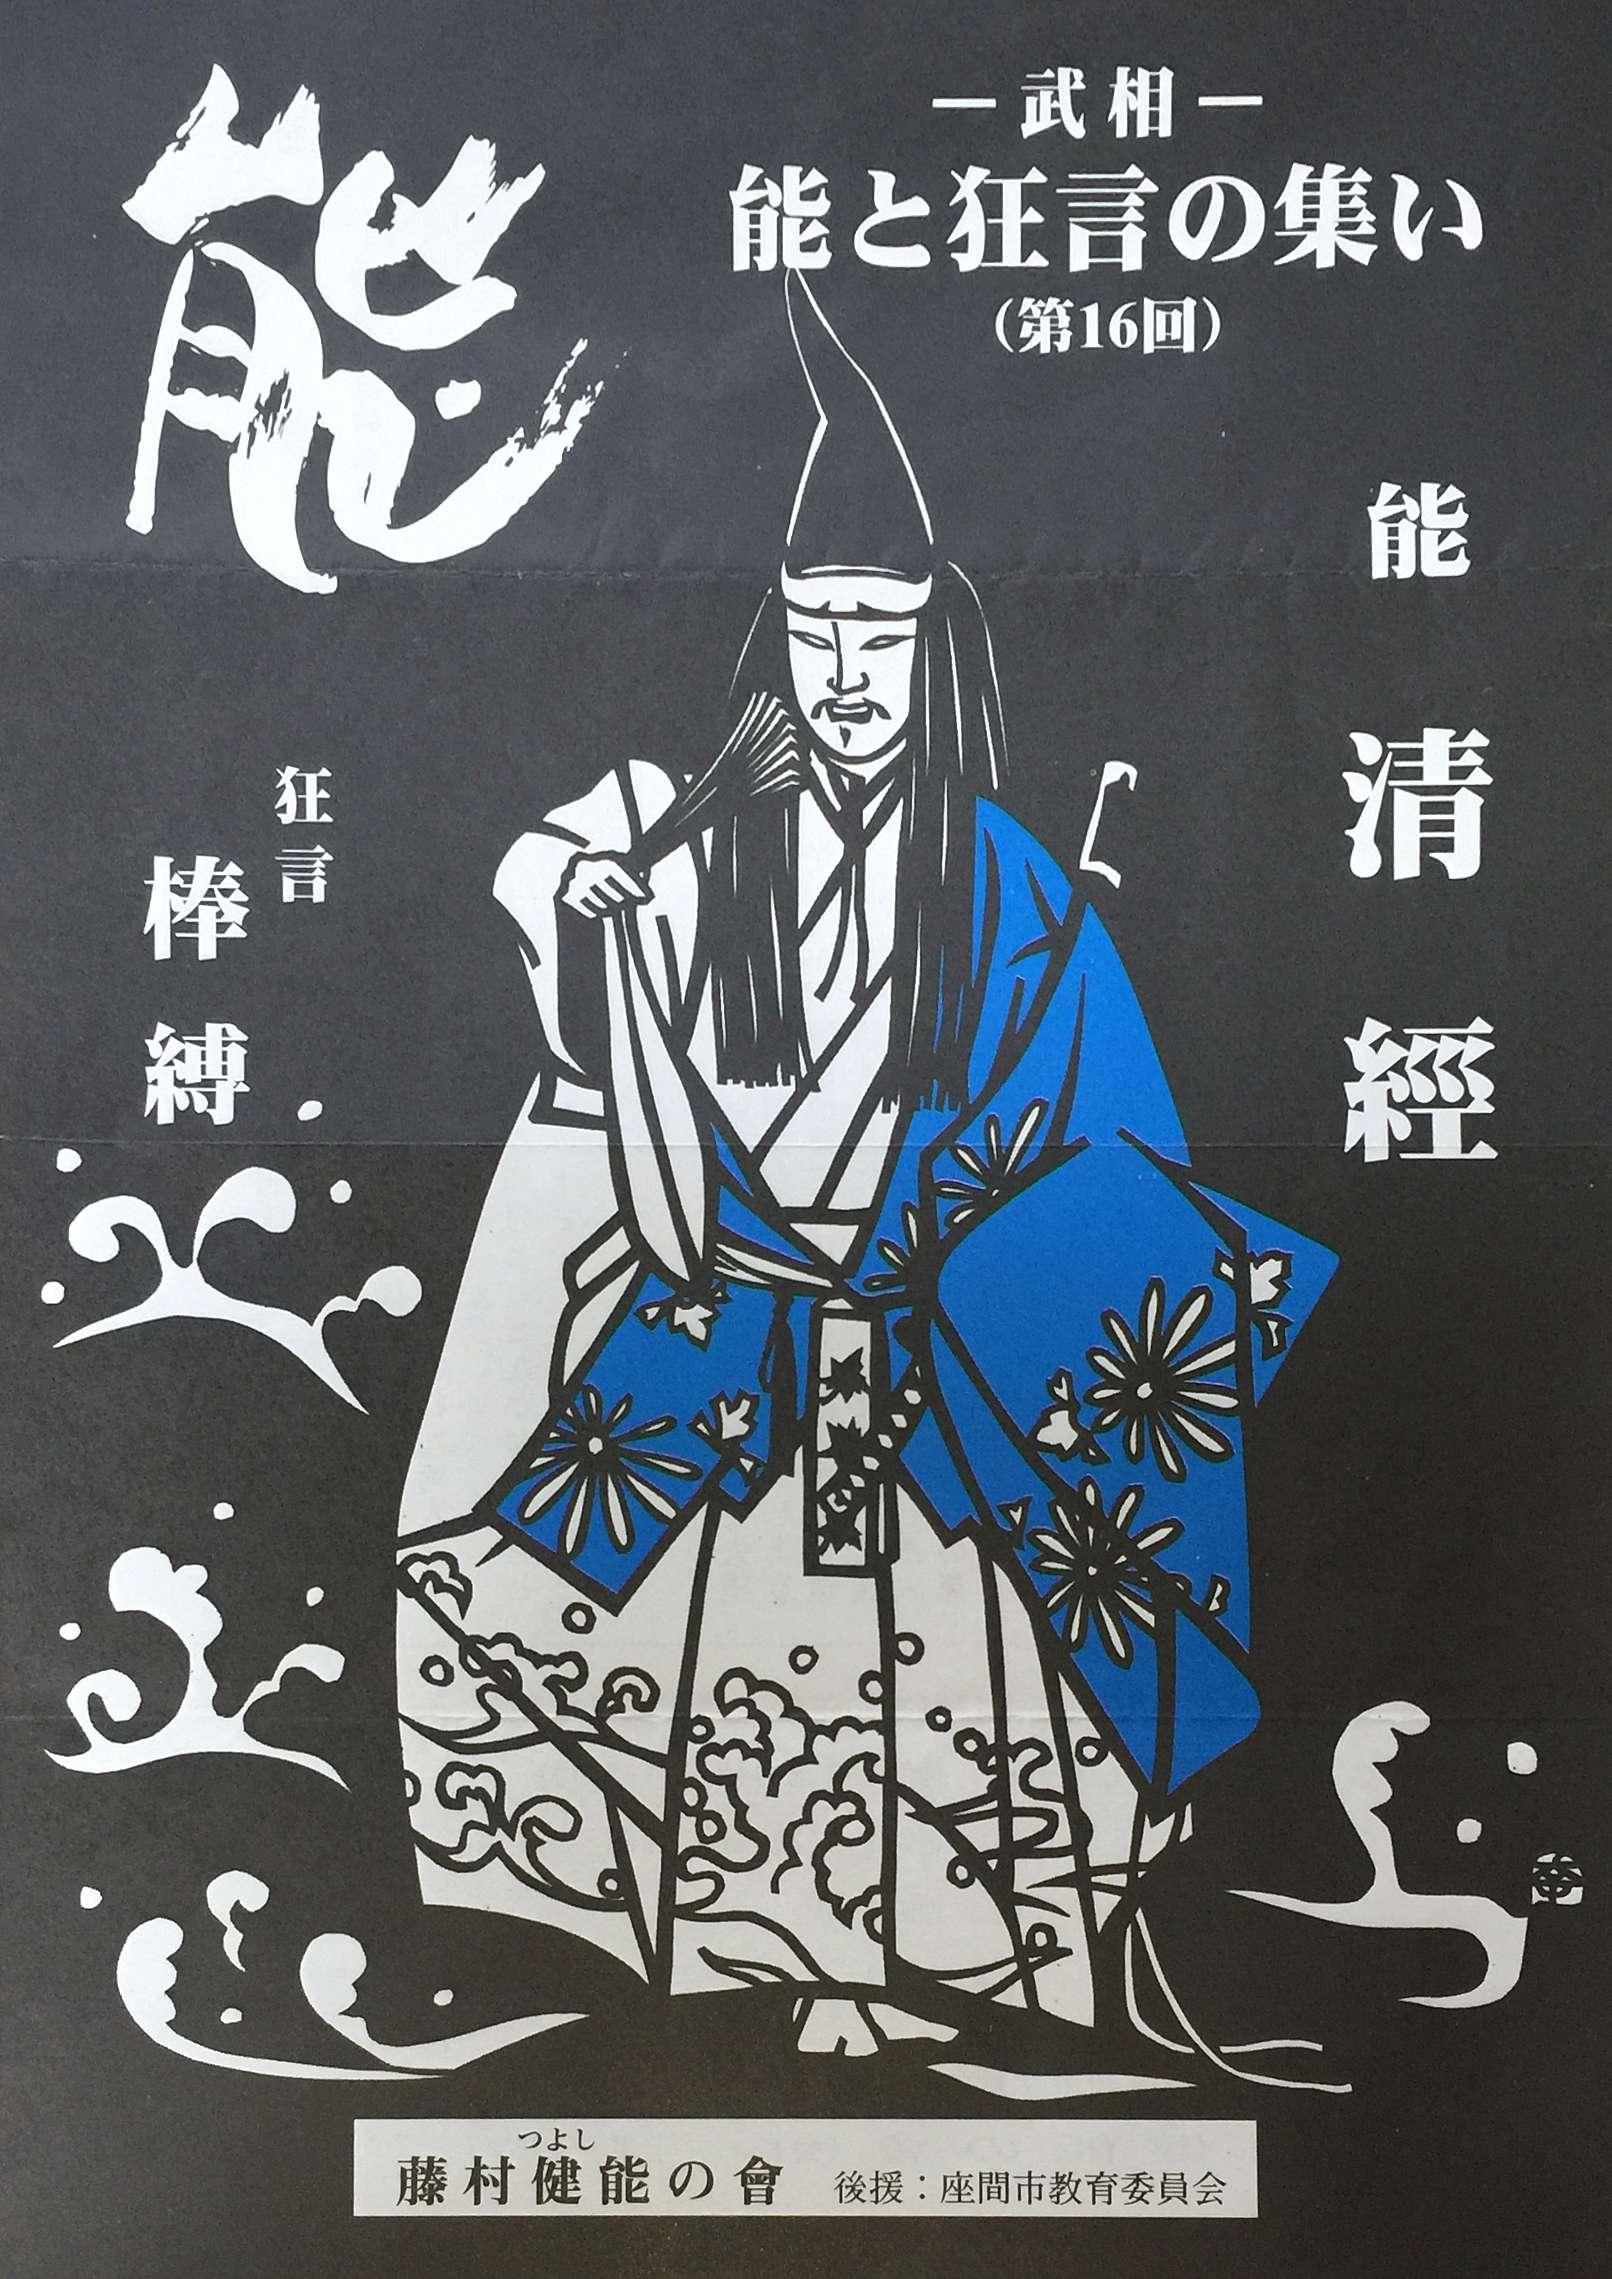 1999年4月22日 武相能と狂言の集い「清経」